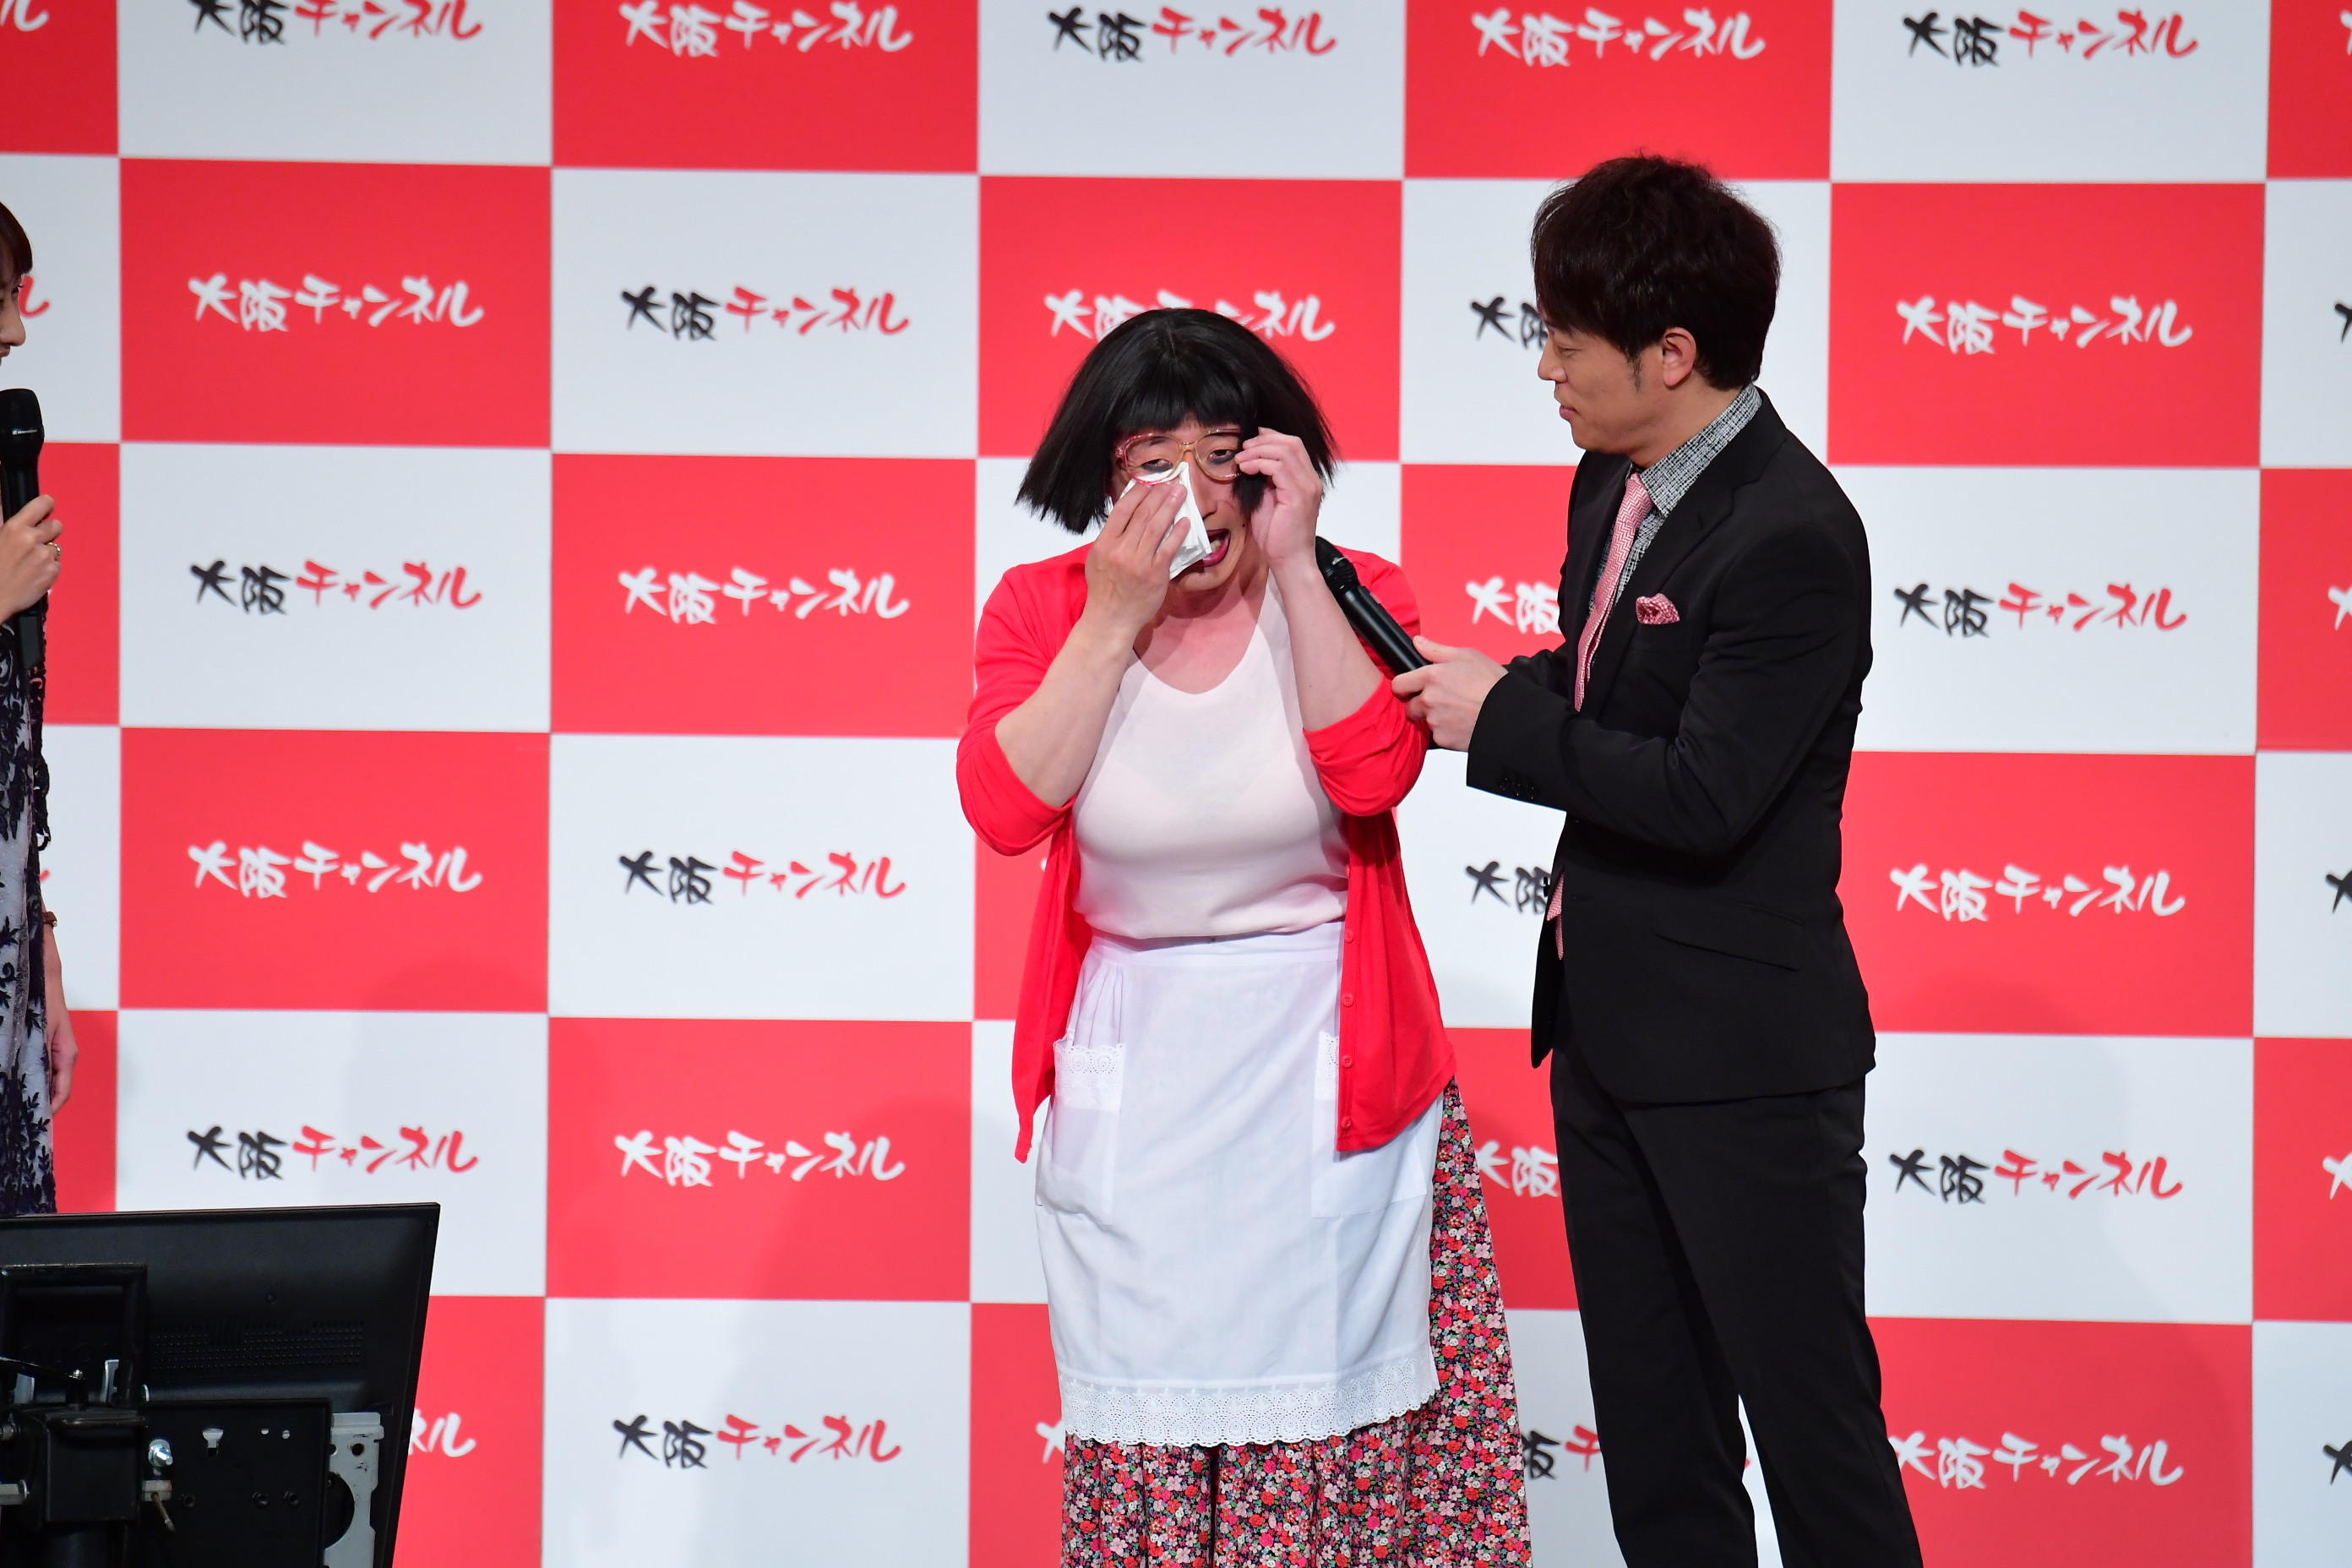 http://news.yoshimoto.co.jp/20180514224623-9382842db07965539d4d34fa0bf4e3a9ad33f10b.jpg